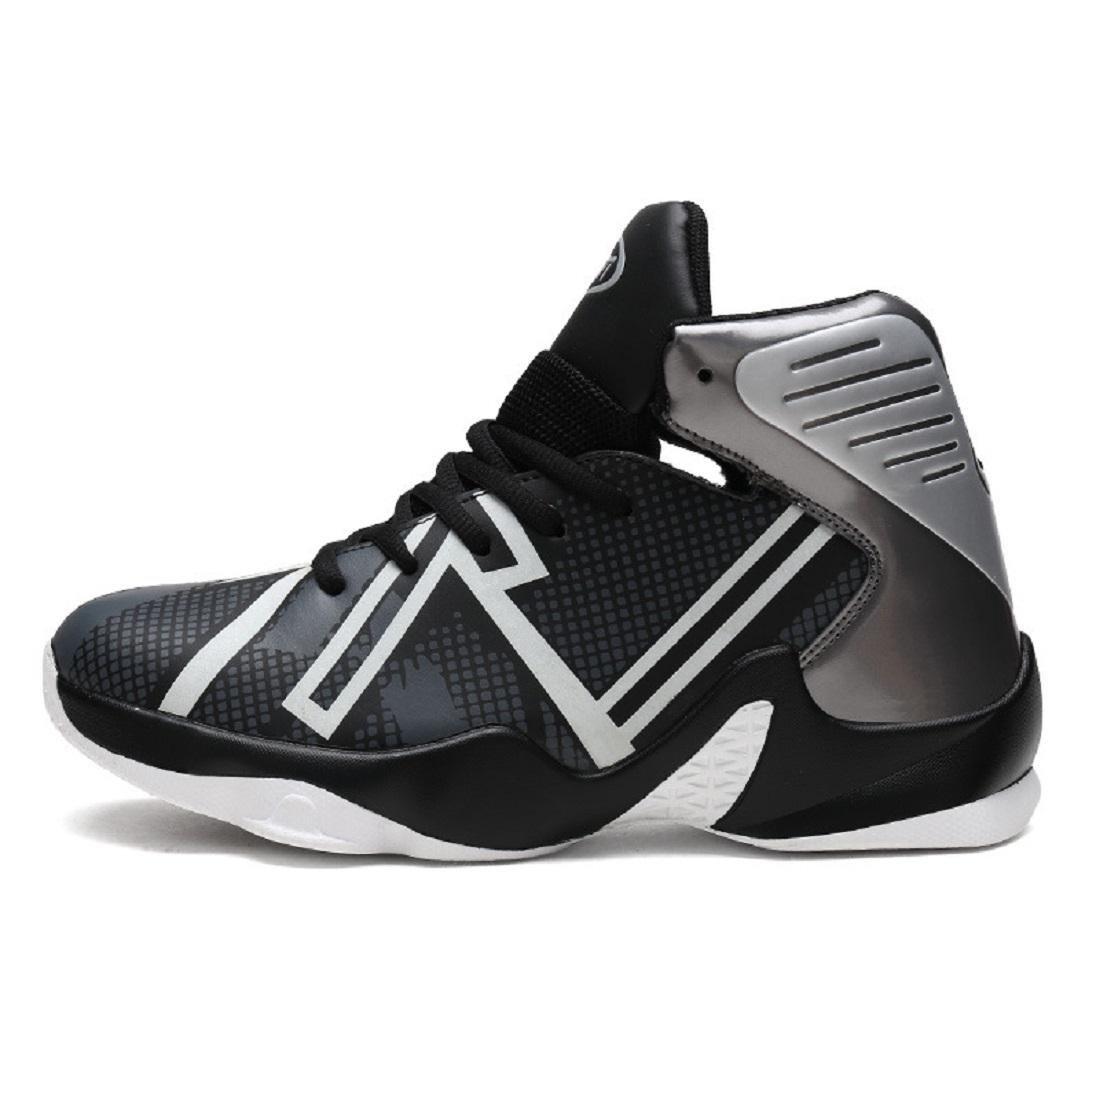 Herren Winter Große Größe Basketball Schuhe Mode Sportschuhe Trainer Warm halten Schutzfuß EUR GRÖSSE 37-46